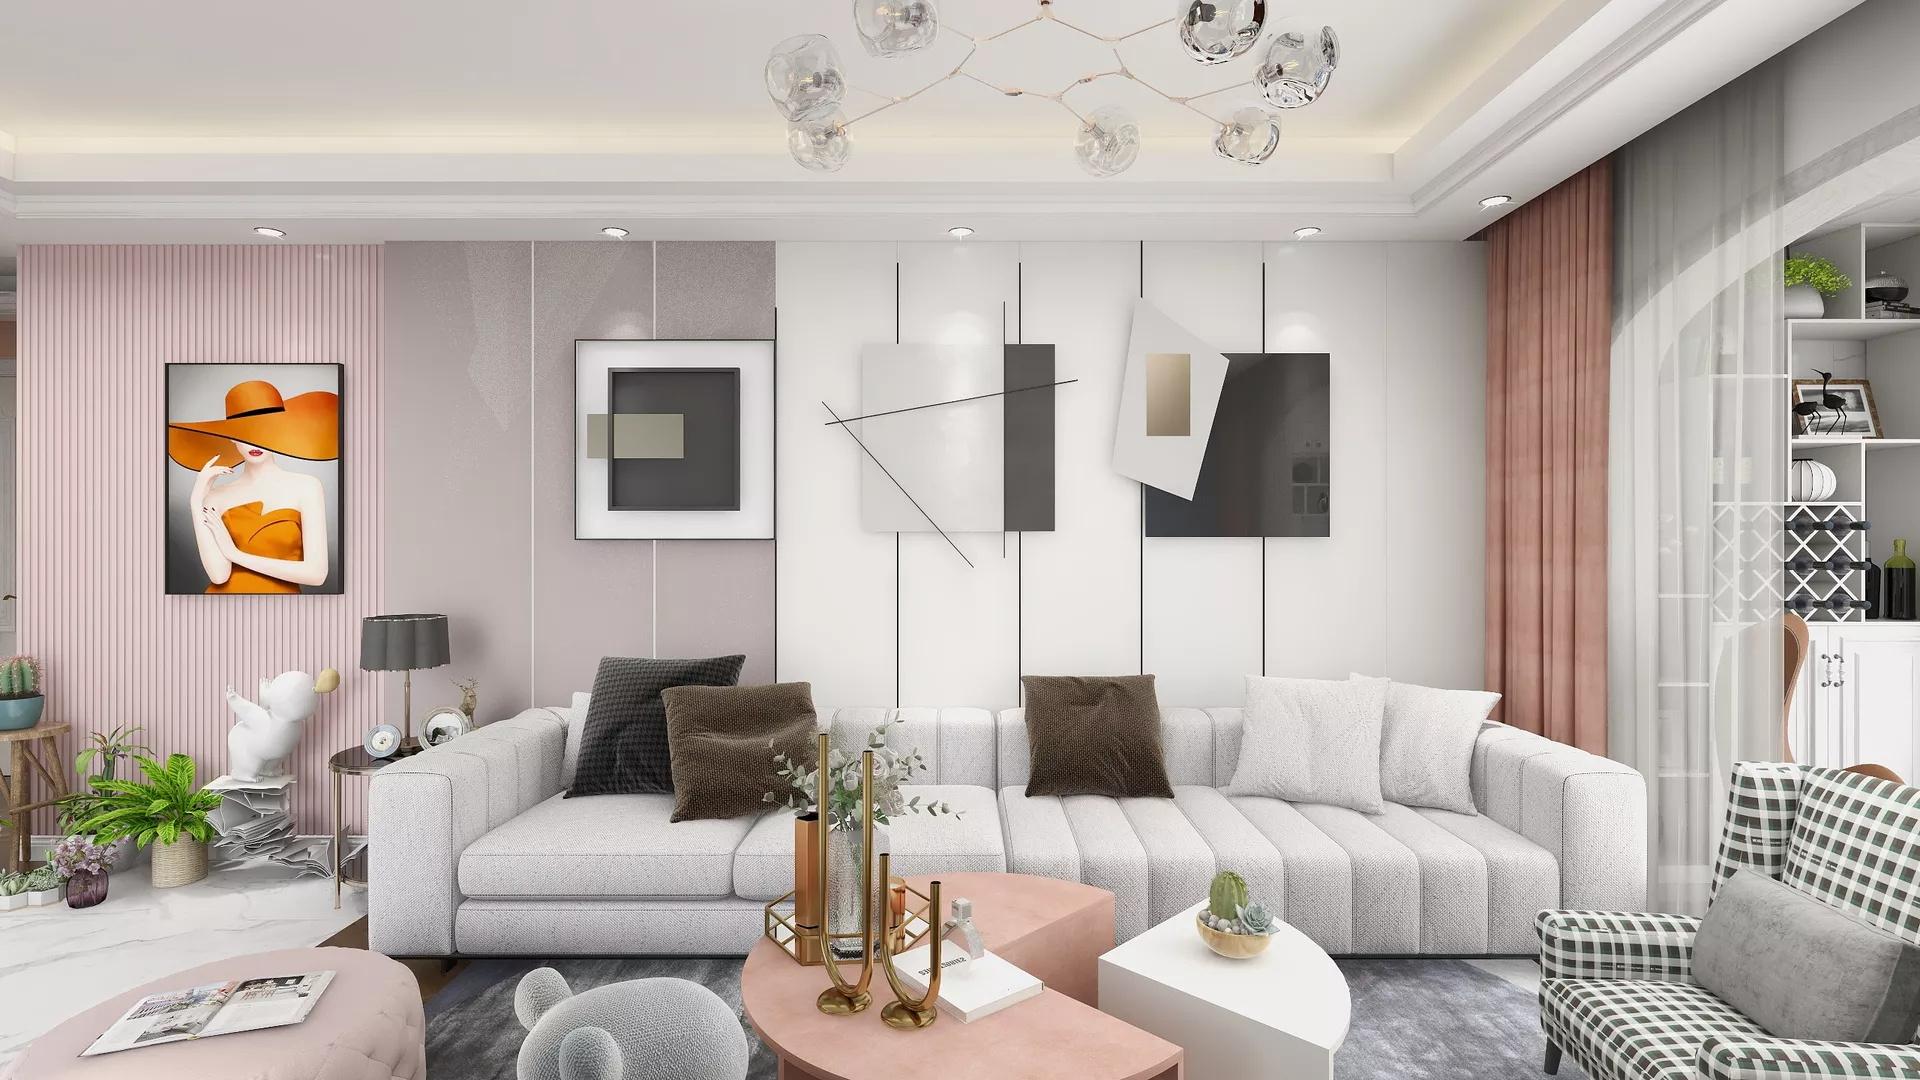 美式轻奢三室两厅飘窗装修效果图